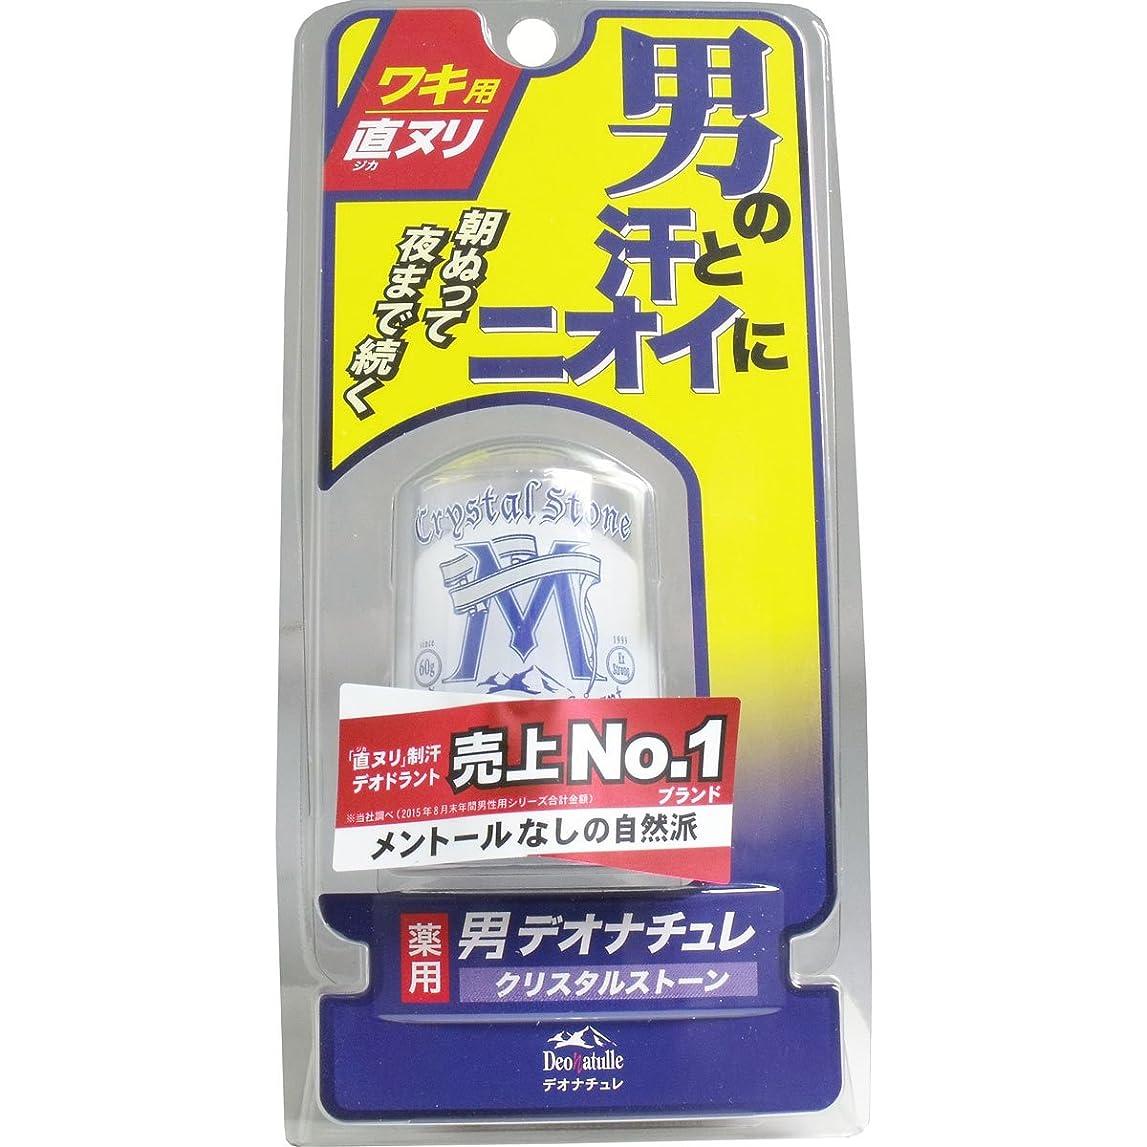 化学薬品農奴タイプデオナチュレ 男クリスタルストーン 60Gx6個セット (4971825011778)